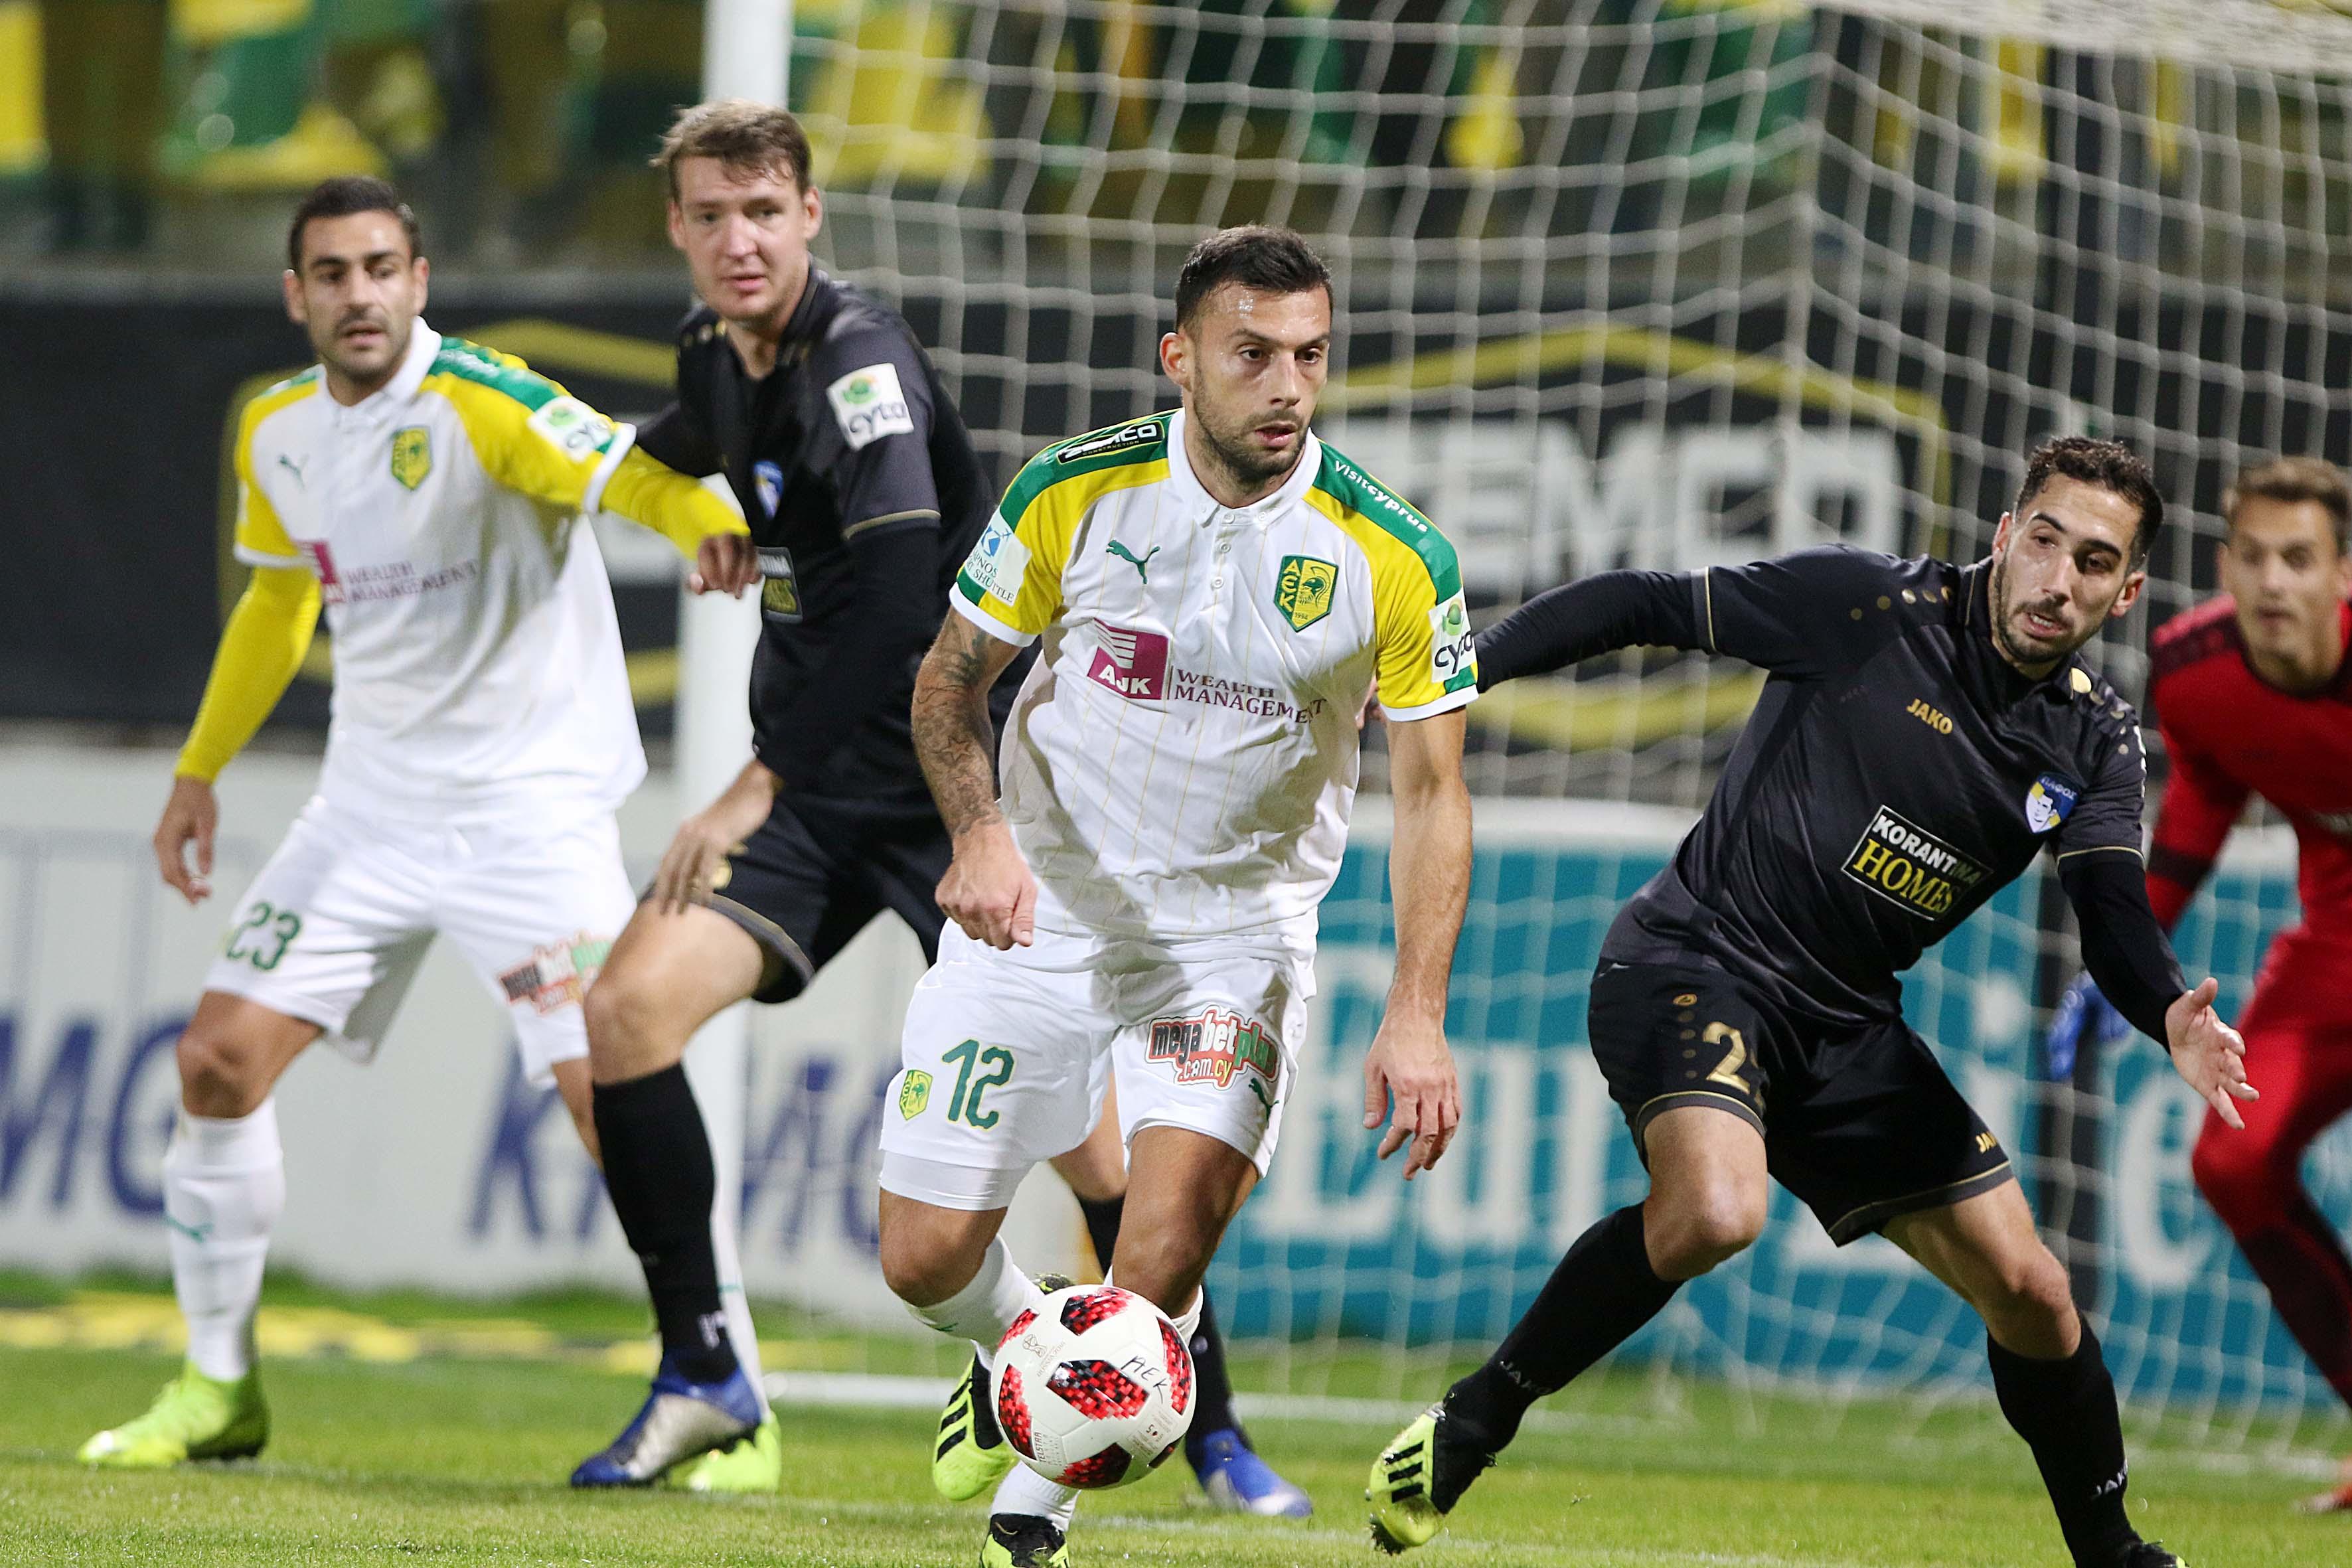 Η Πάφος έκανε πάλι το θαύμα της! Αγωνιζόμενη με πολλές απουσίες υποχρέωσε  σε ισοπαλία 1-1 την ΑΕΚ στην «Αρένα» στον εξ αναβολής αγώνα της πρεμιέρας  του ... fddfbc9f248